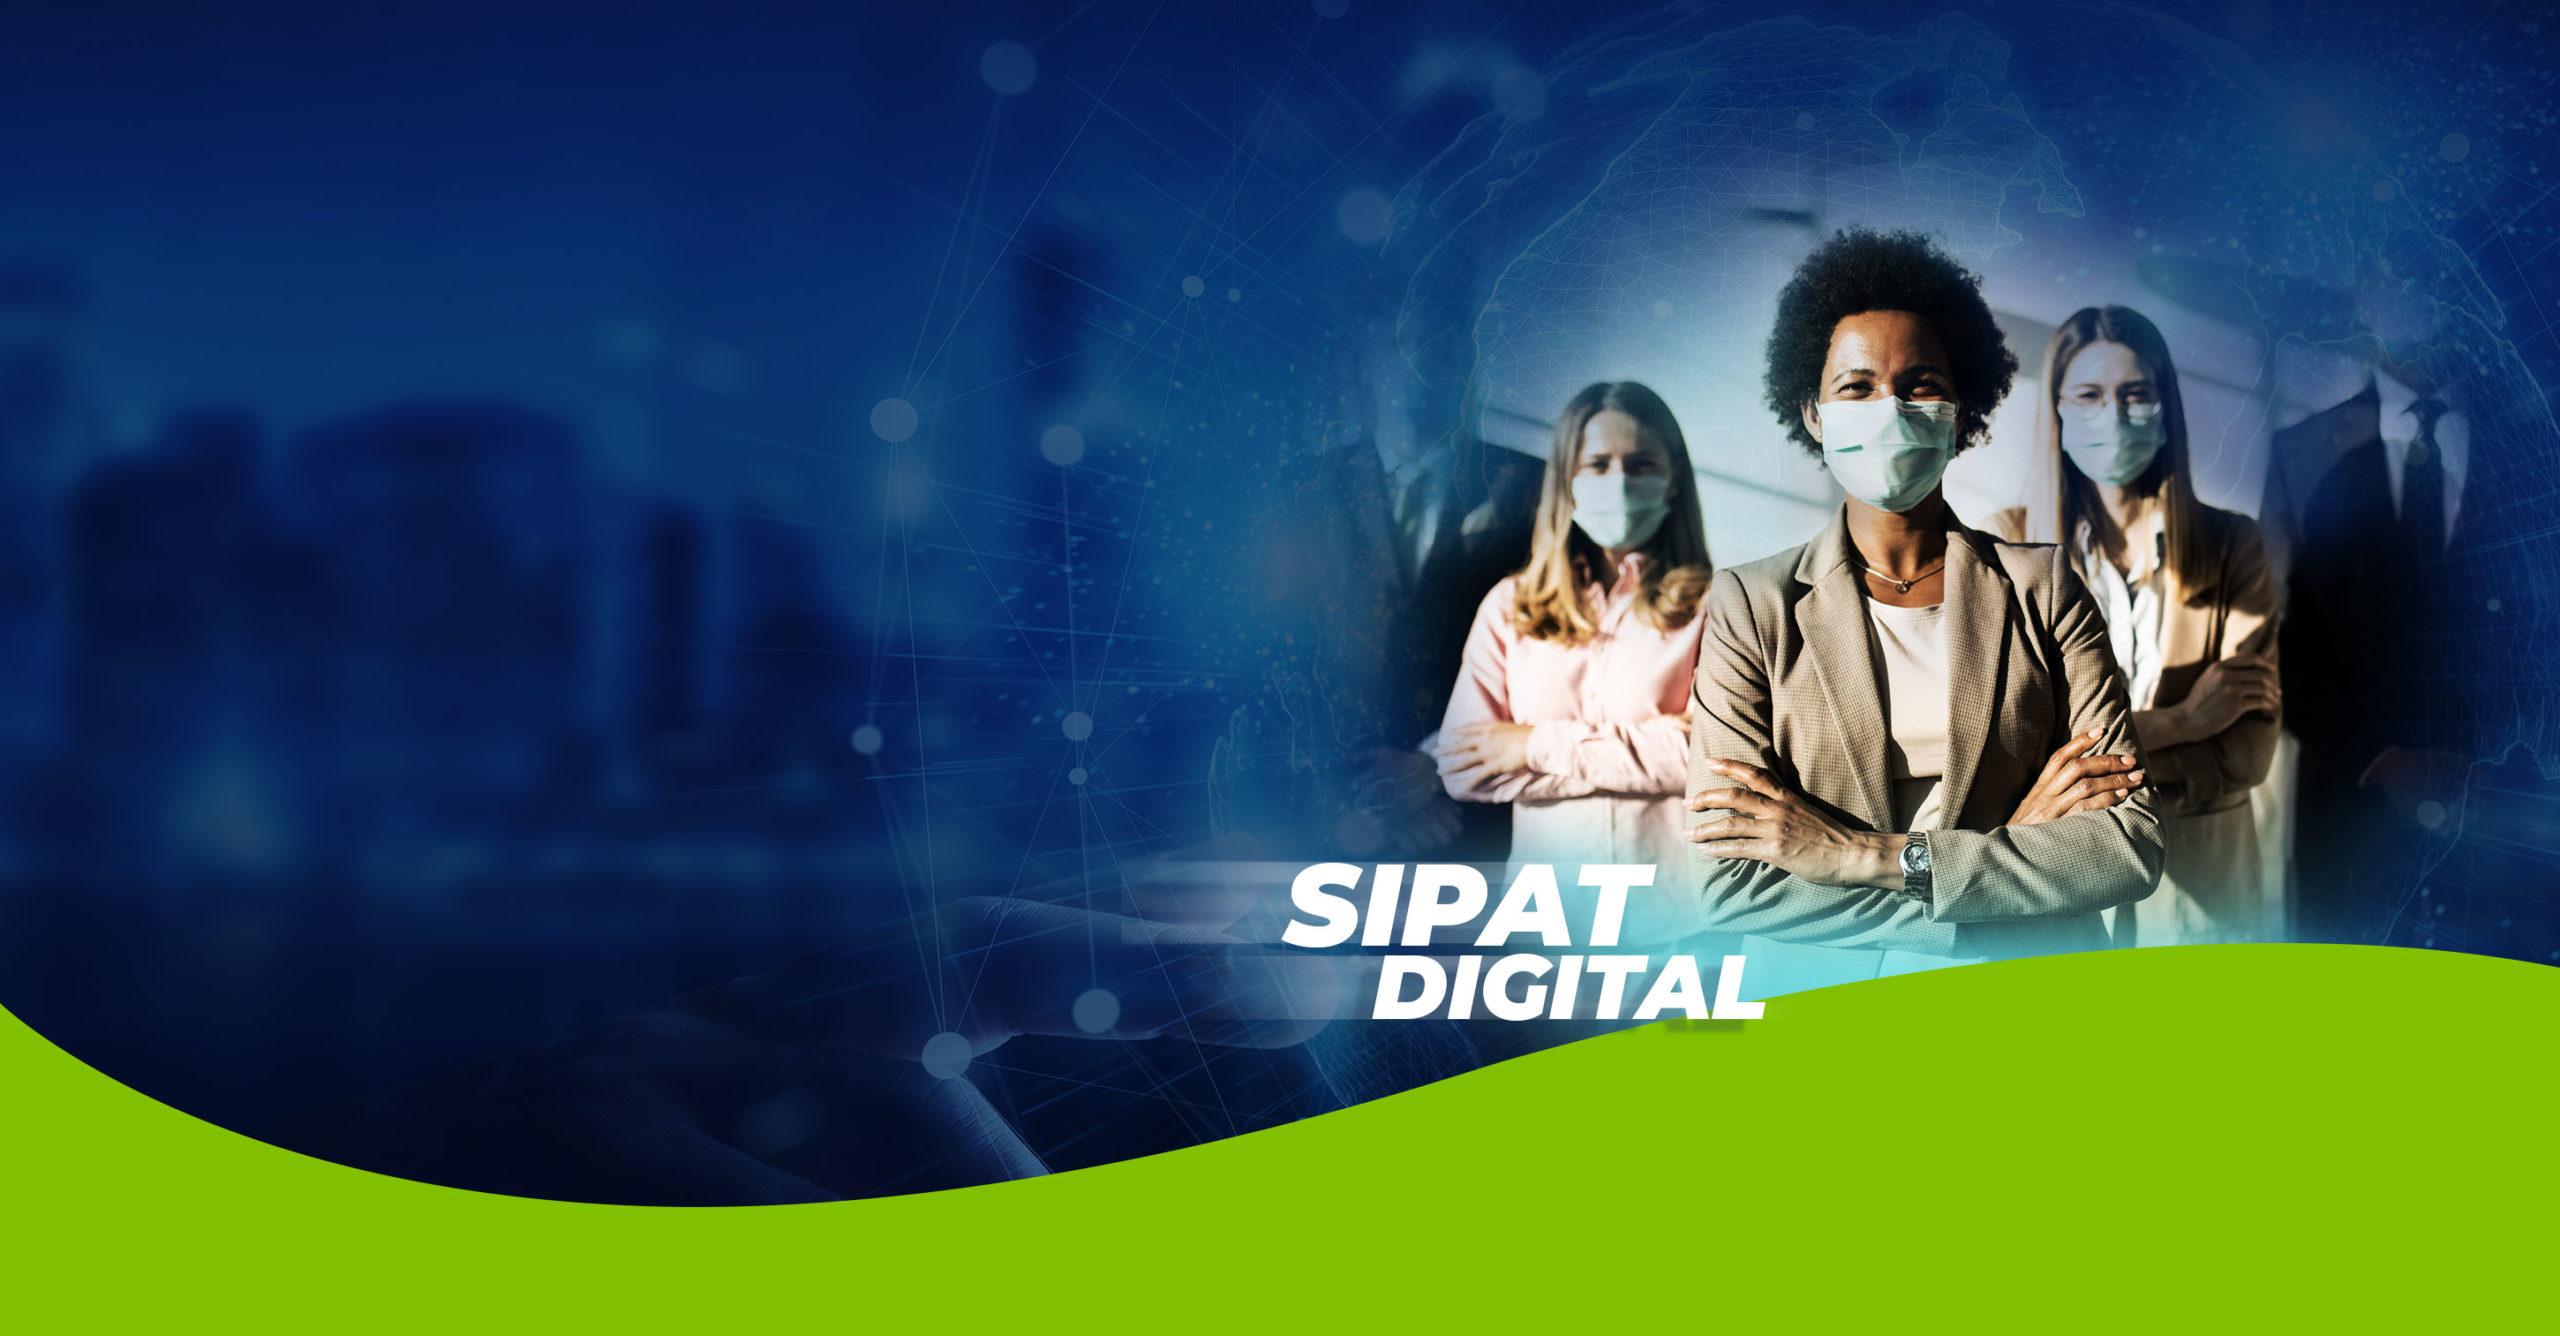 Sipat Digital